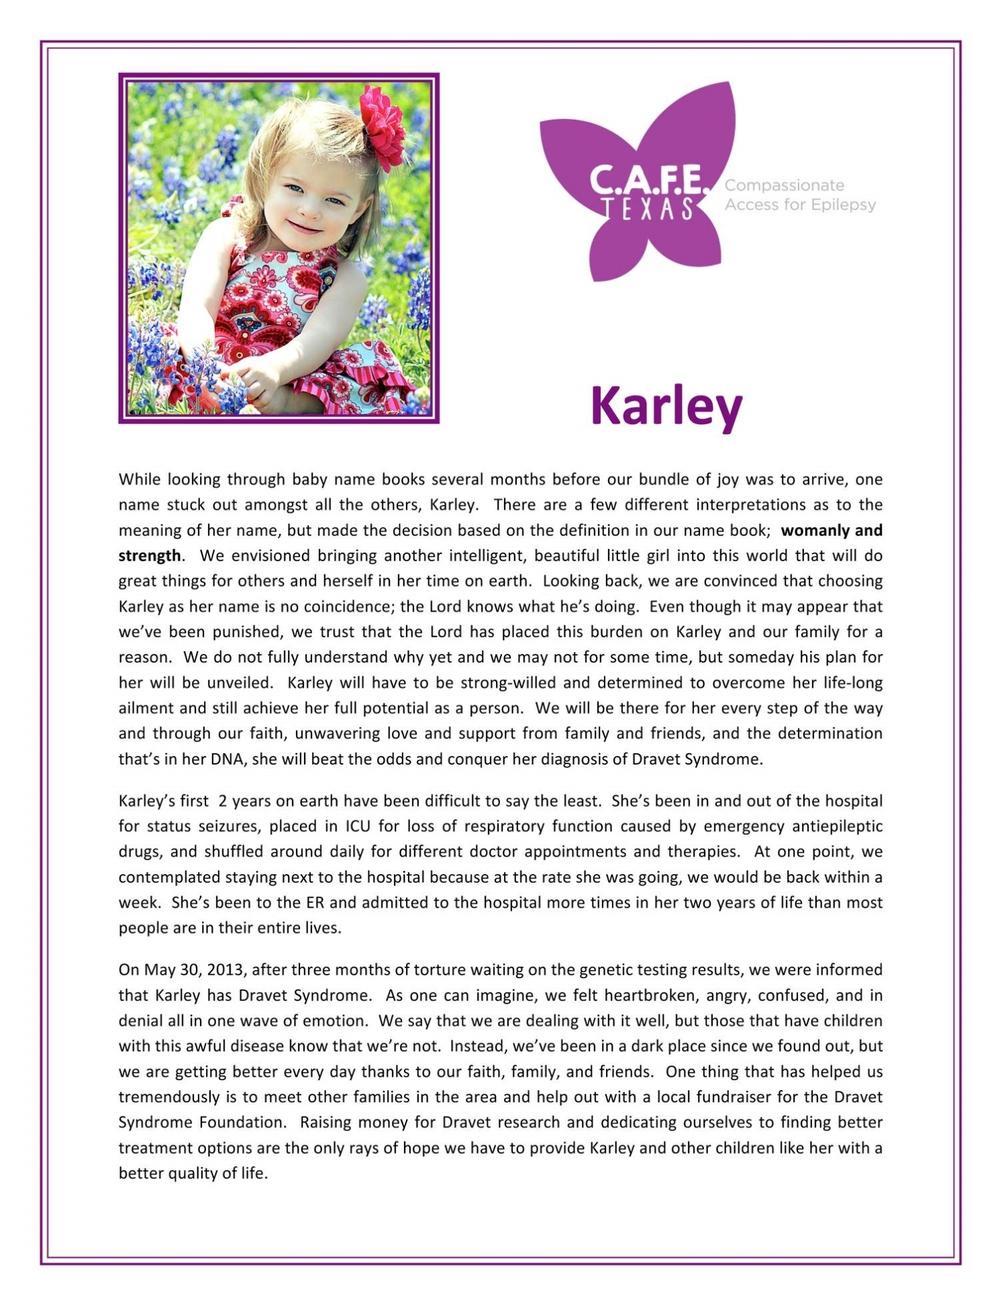 Karley's Story_Page_1.jpg